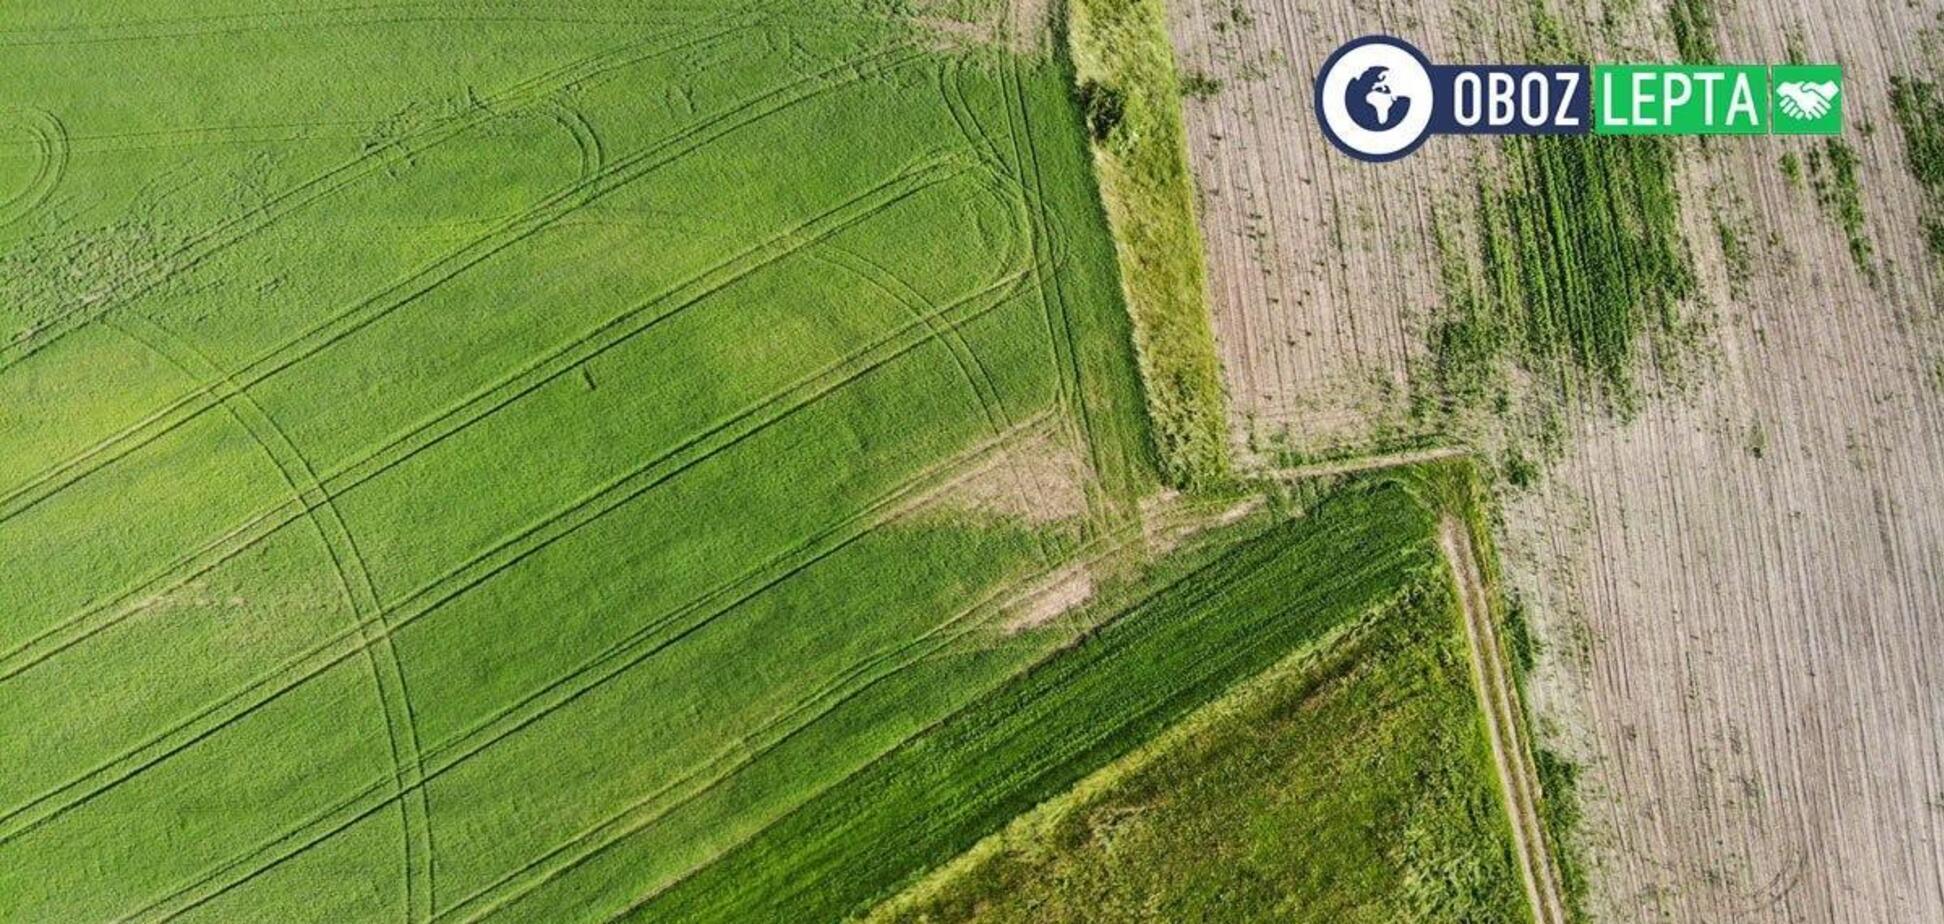 Соціальний урожай: чому агробізнес повинен допомагати суспільству